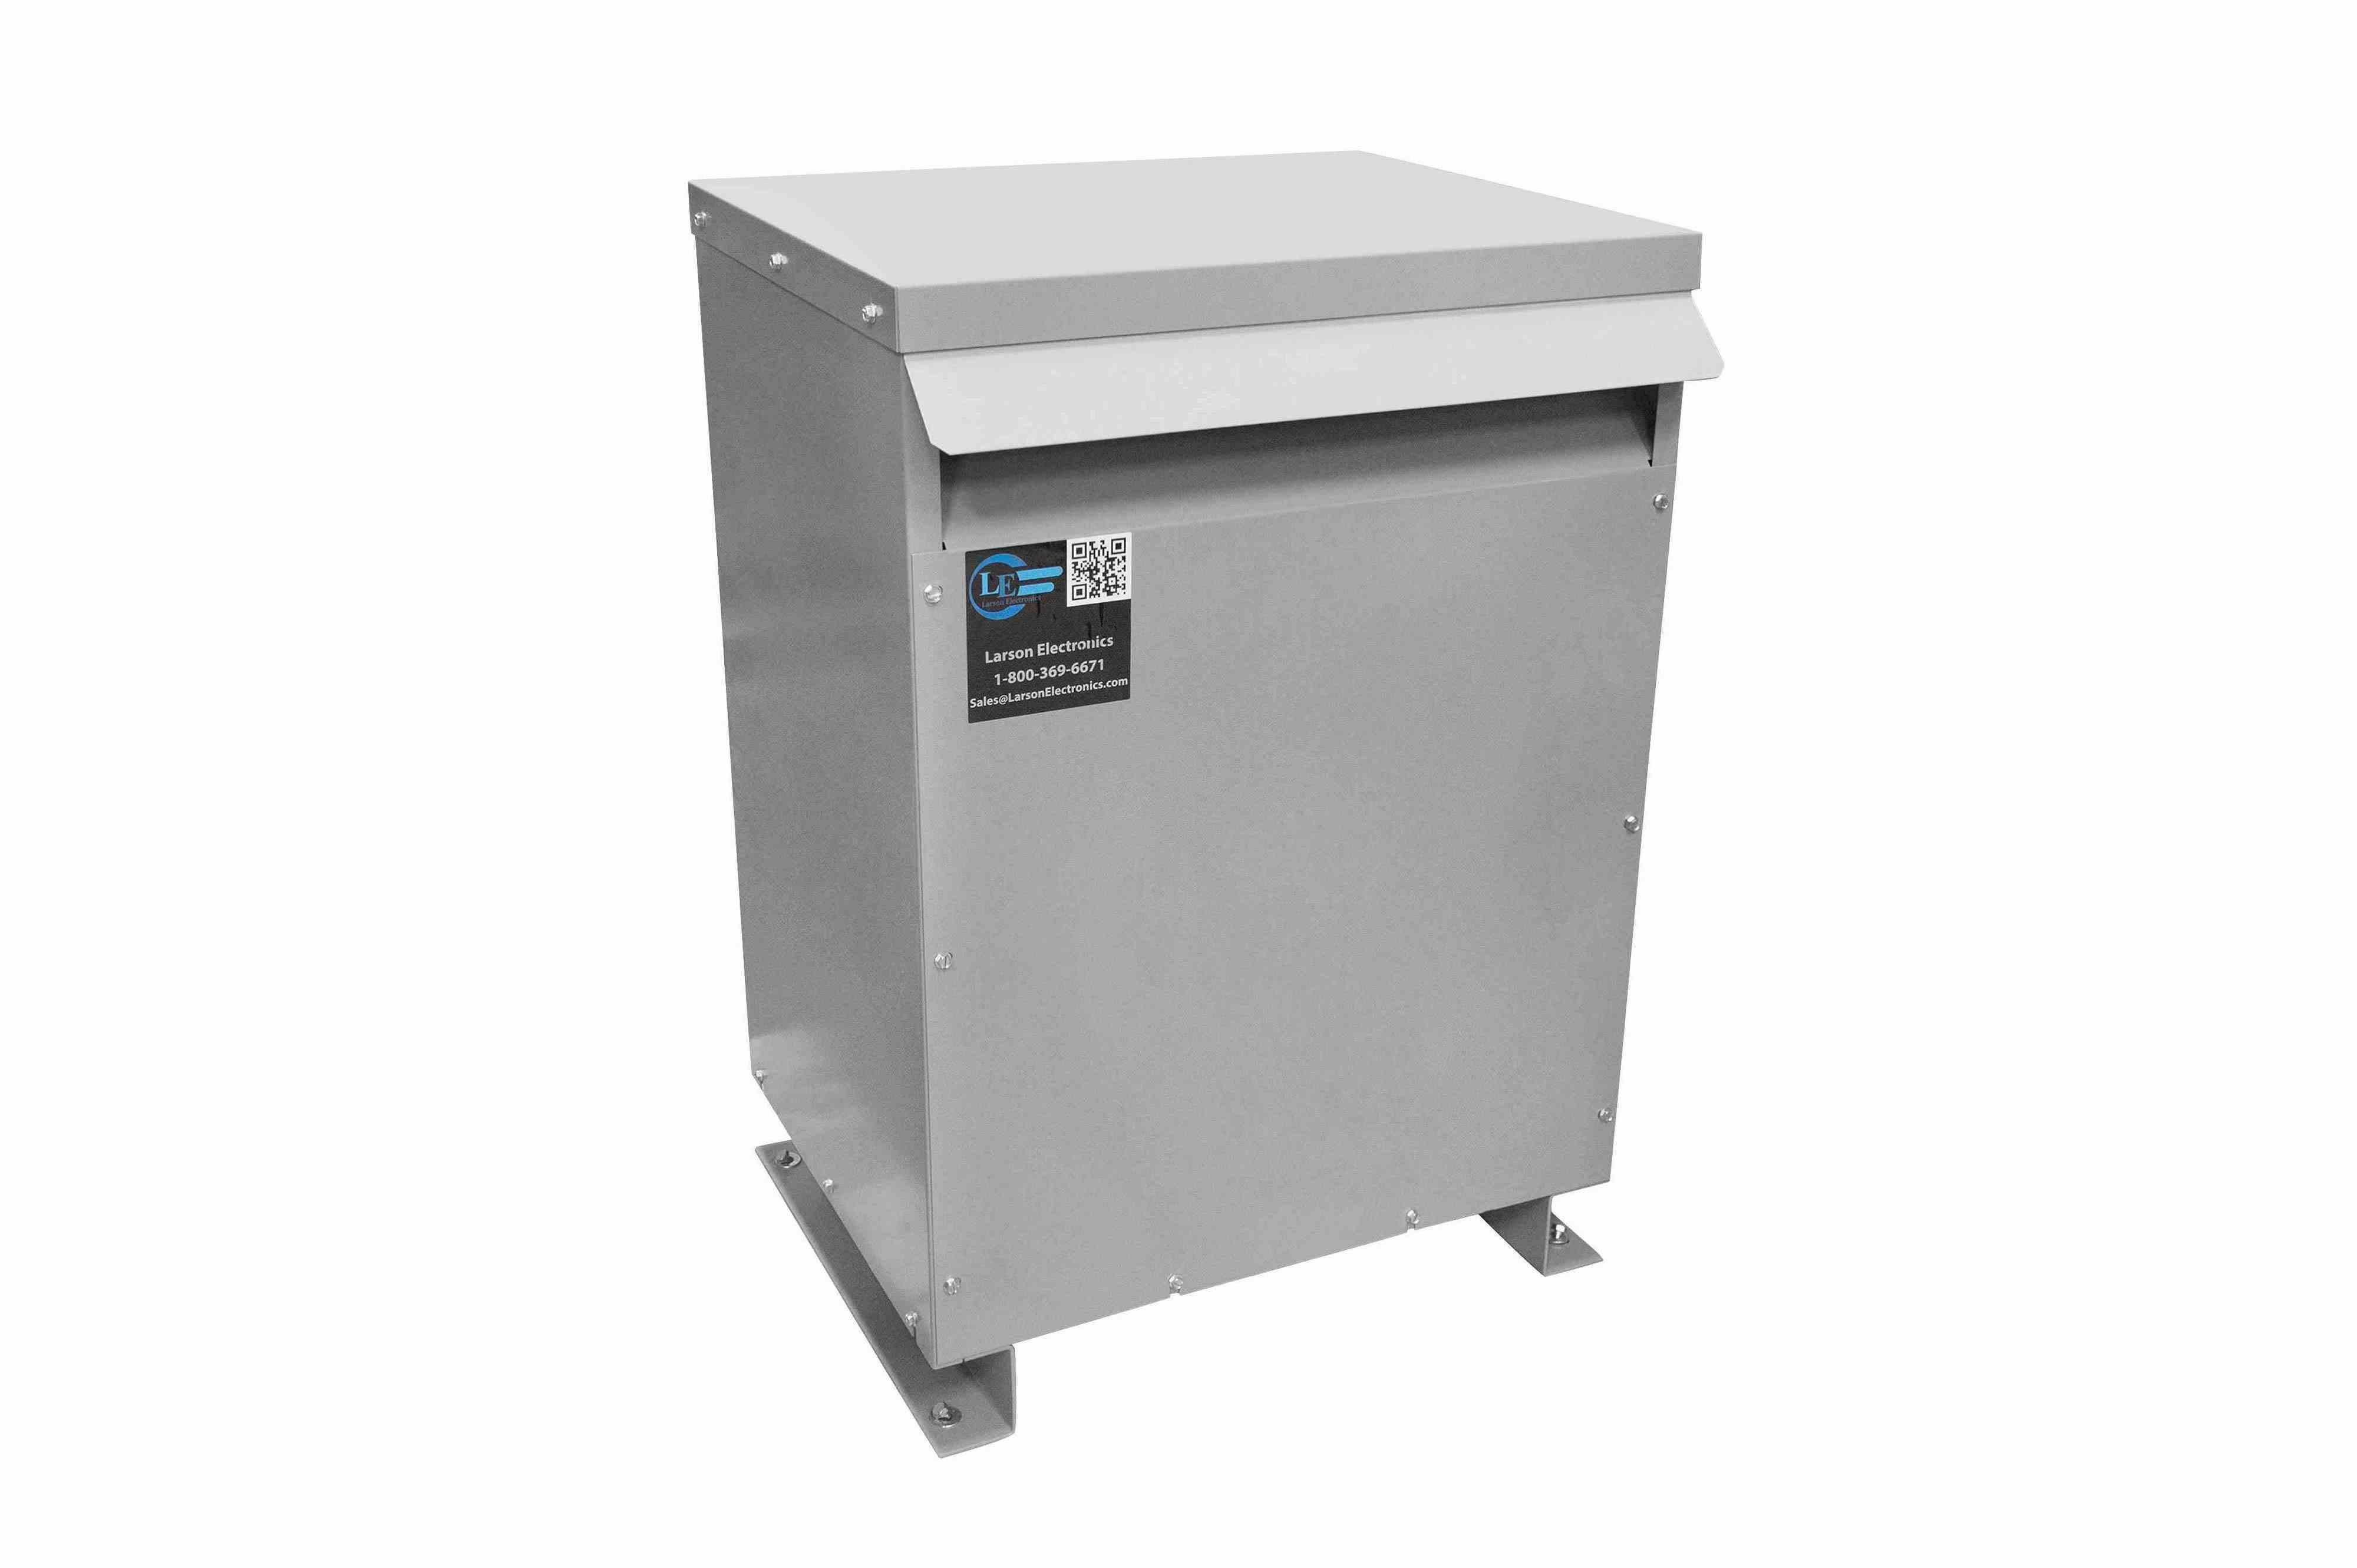 20 kVA 3PH Isolation Transformer, 220V Delta Primary, 600V Delta Secondary, N3R, Ventilated, 60 Hz